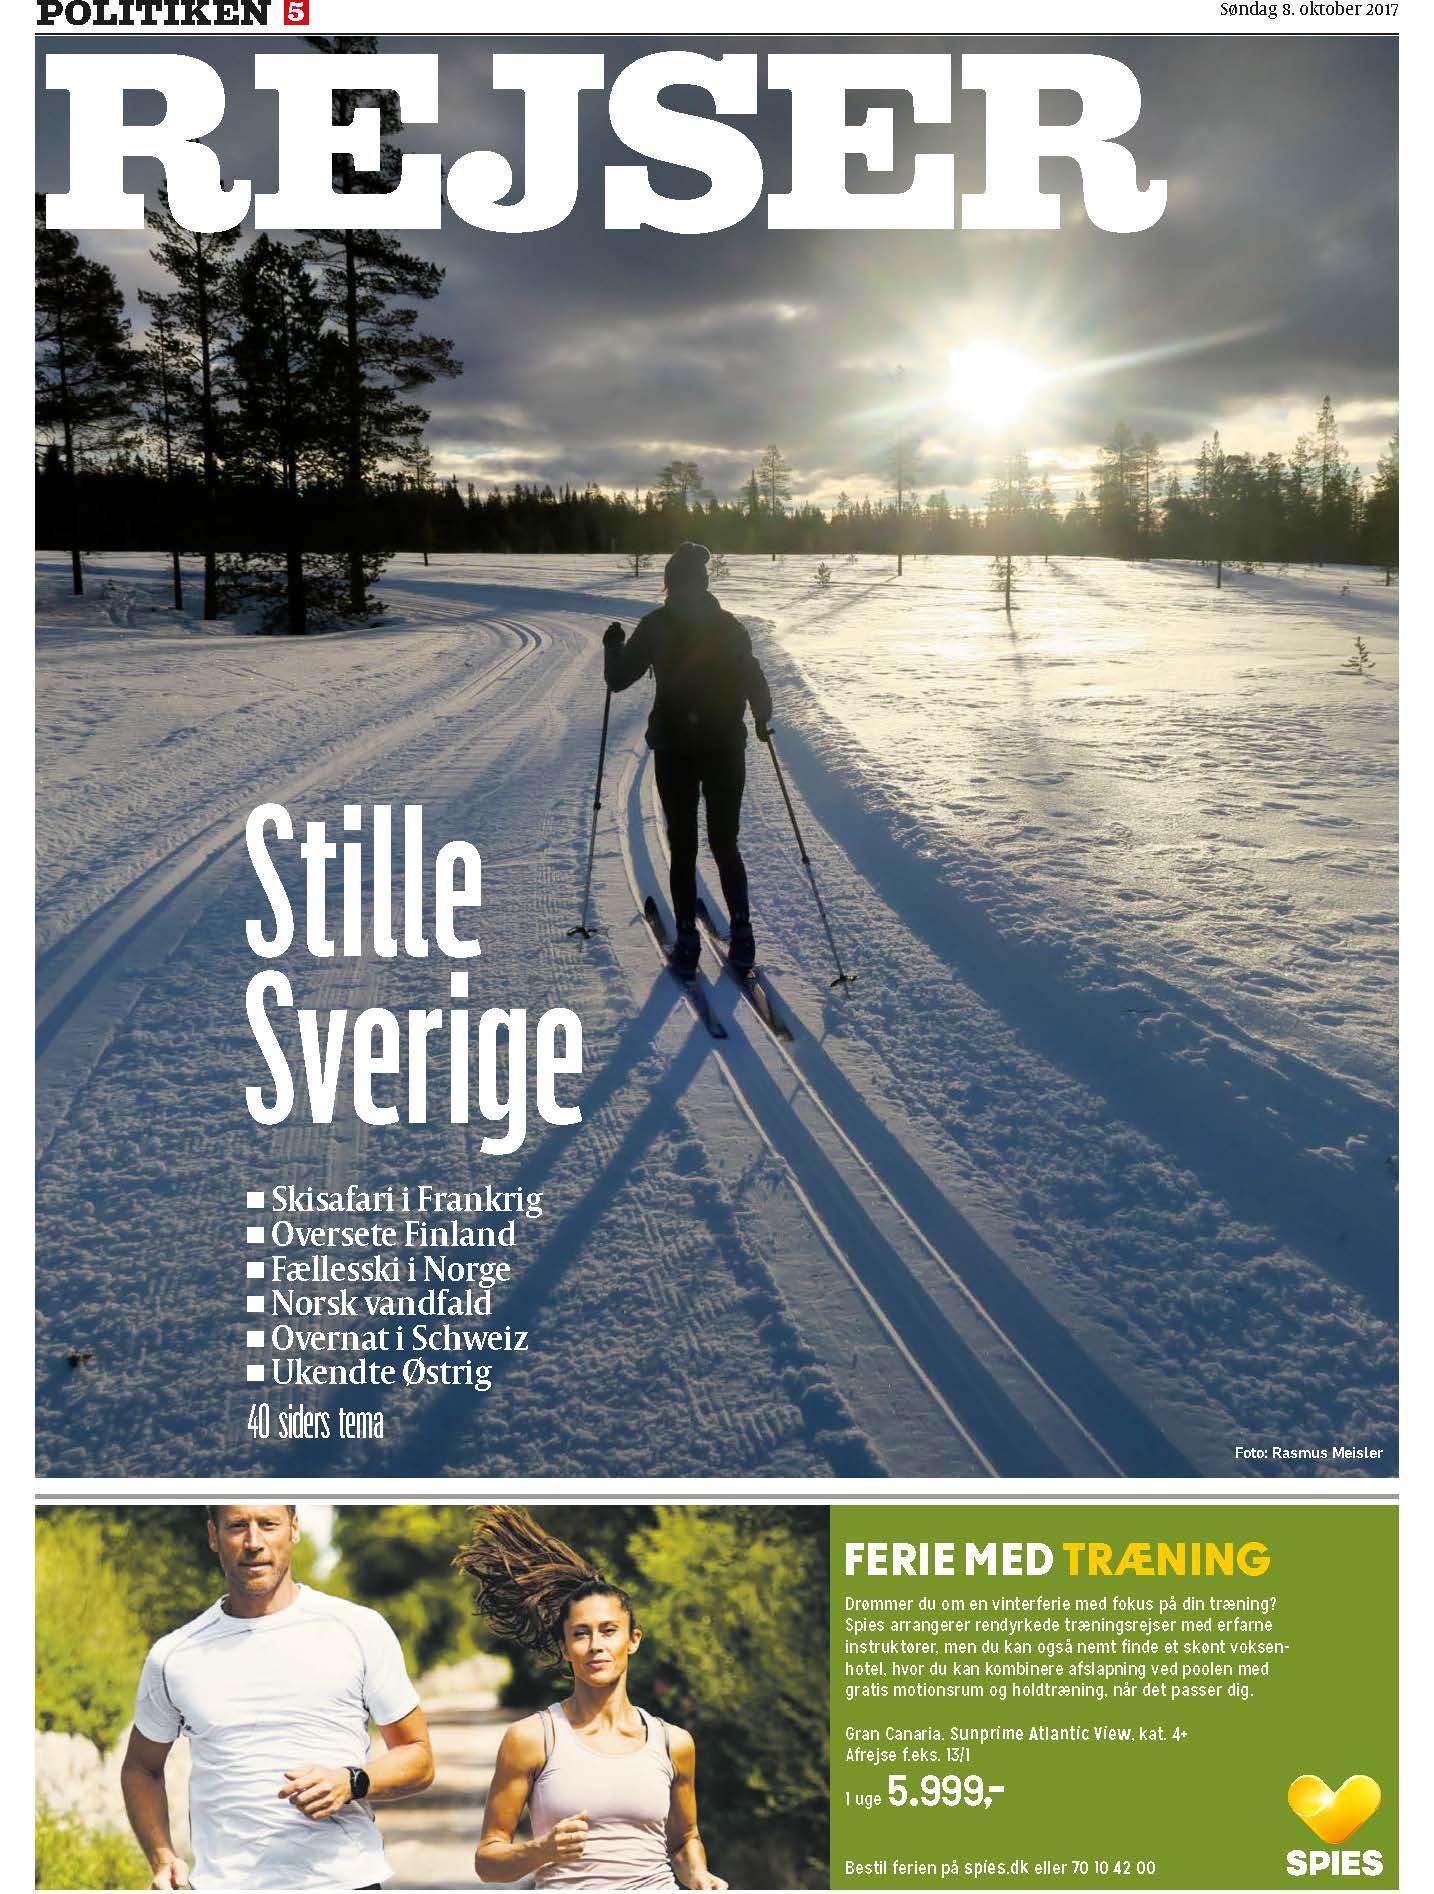 Ski & Sne rejsetema søndag 8. september 2019